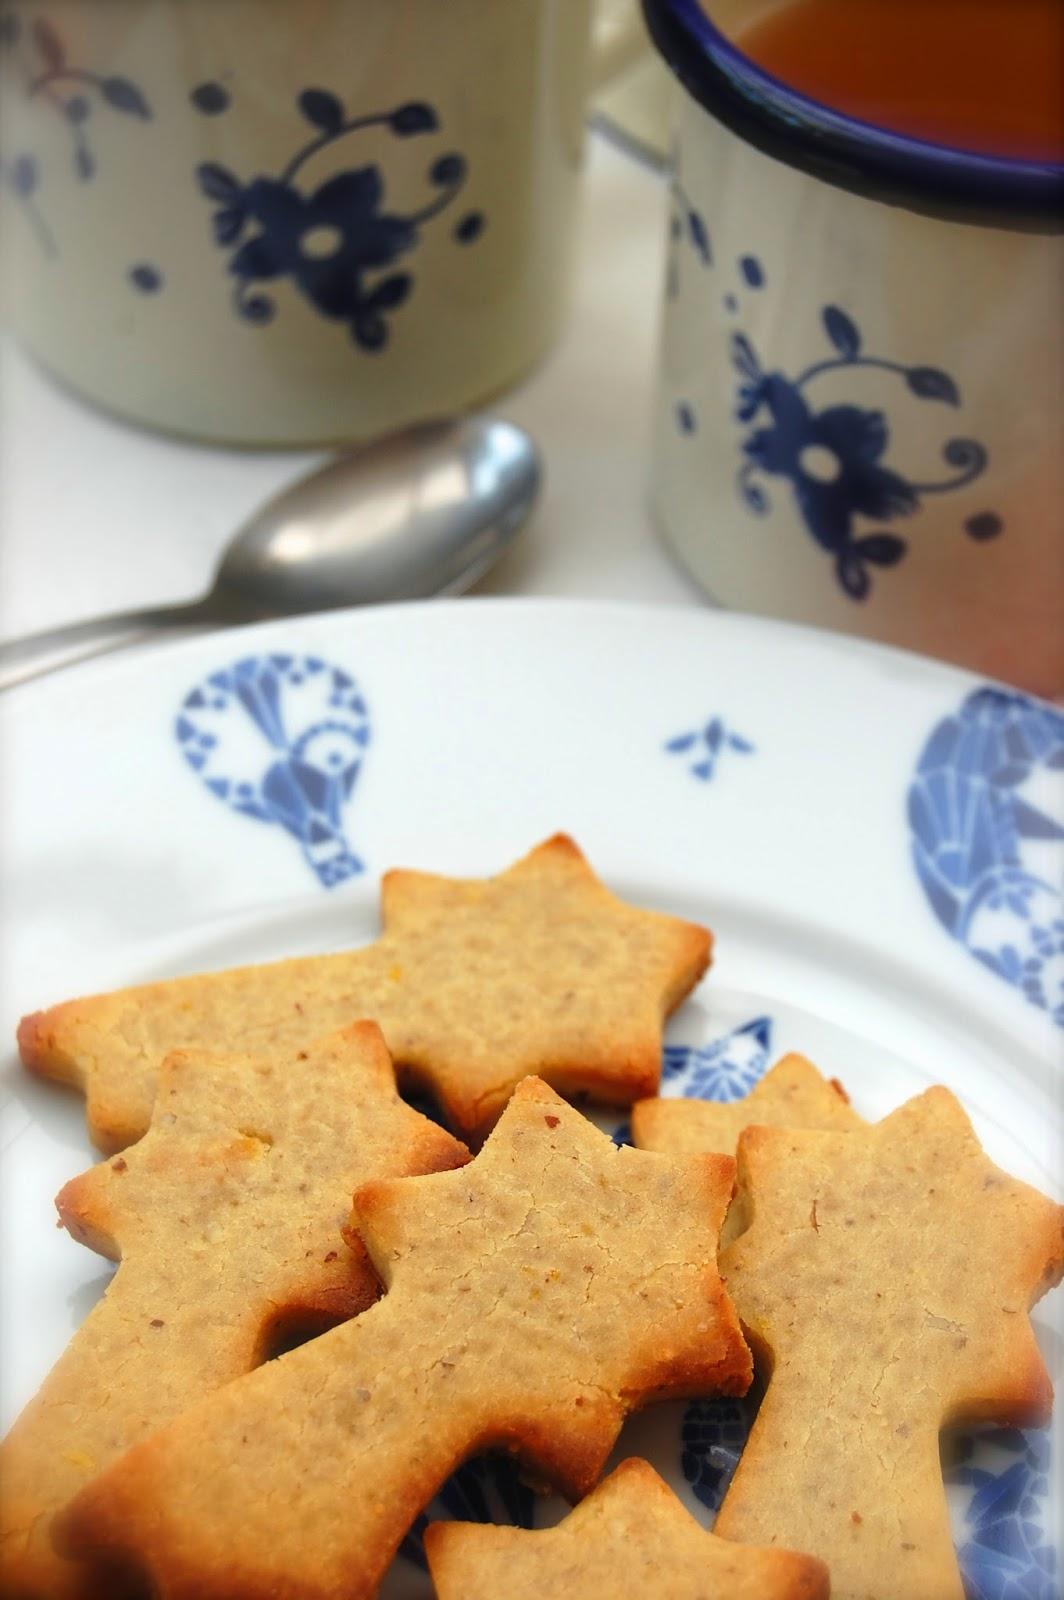 Parts de plaisir sabl s l 39 orange sans gluten sans - Cuisinez gourmand sans gluten sans lait sans oeufs pdf ...